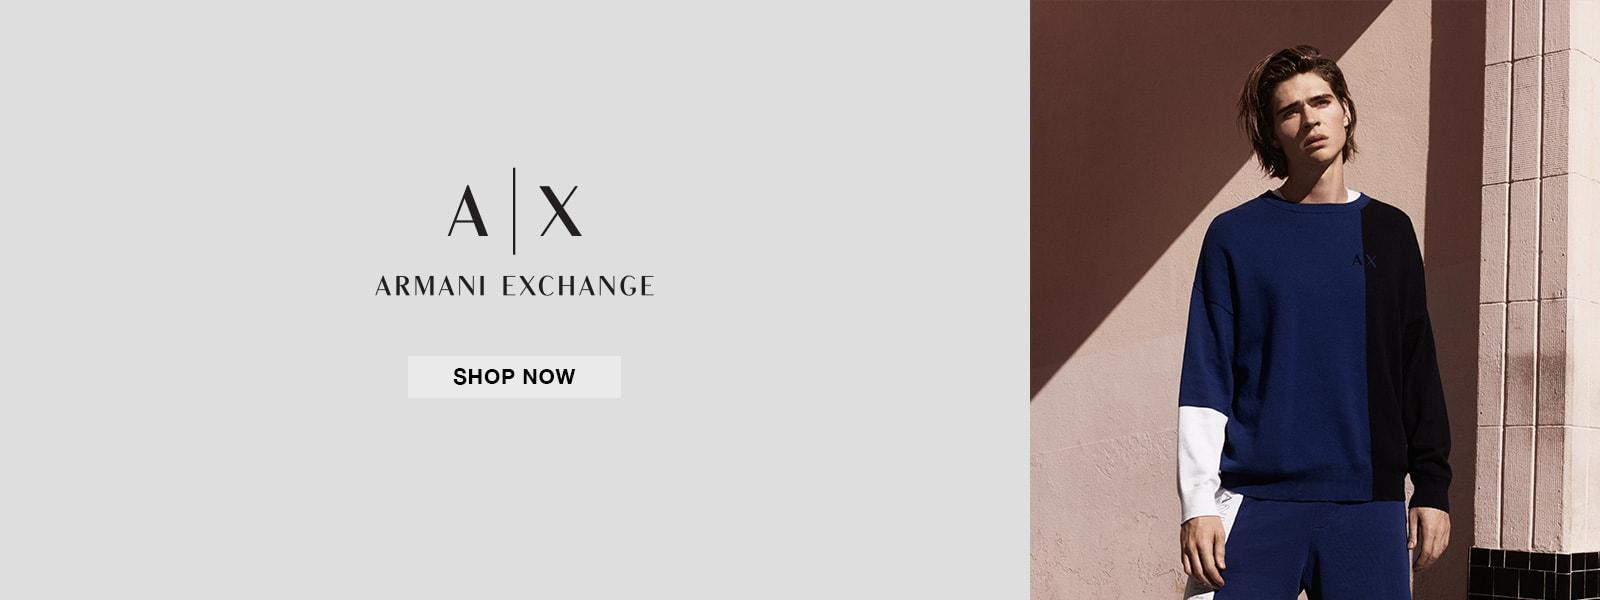 Armani Exchange - Shop Now